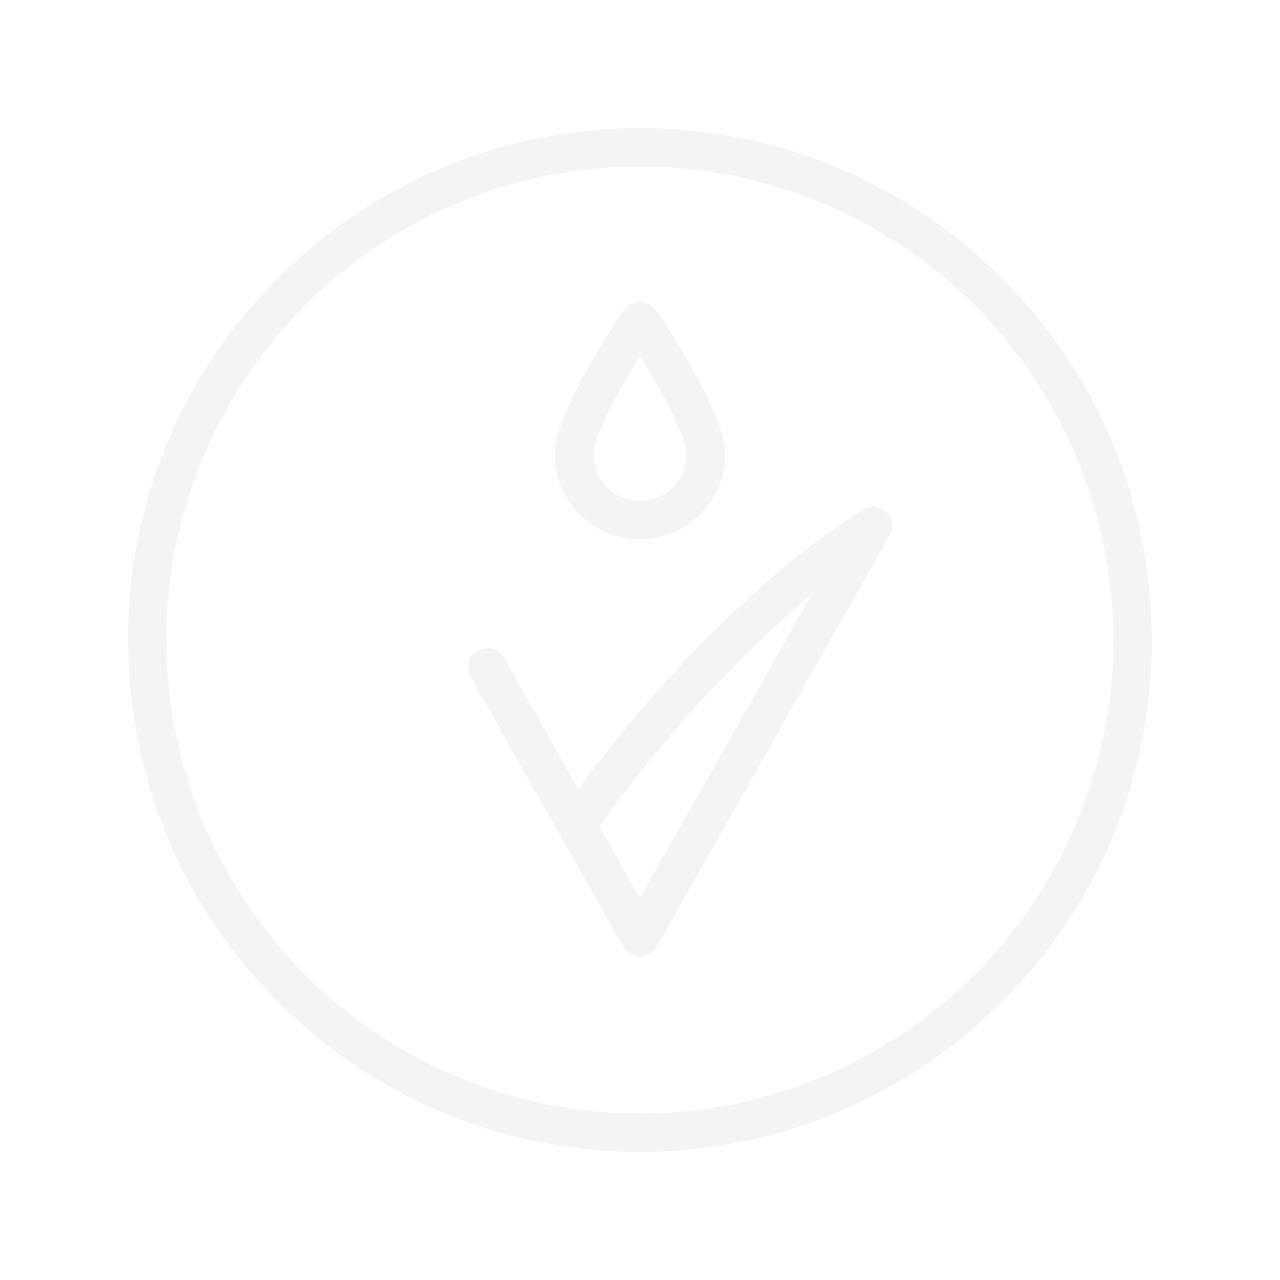 FOAMIE Beauty Fruity Shower Sponge